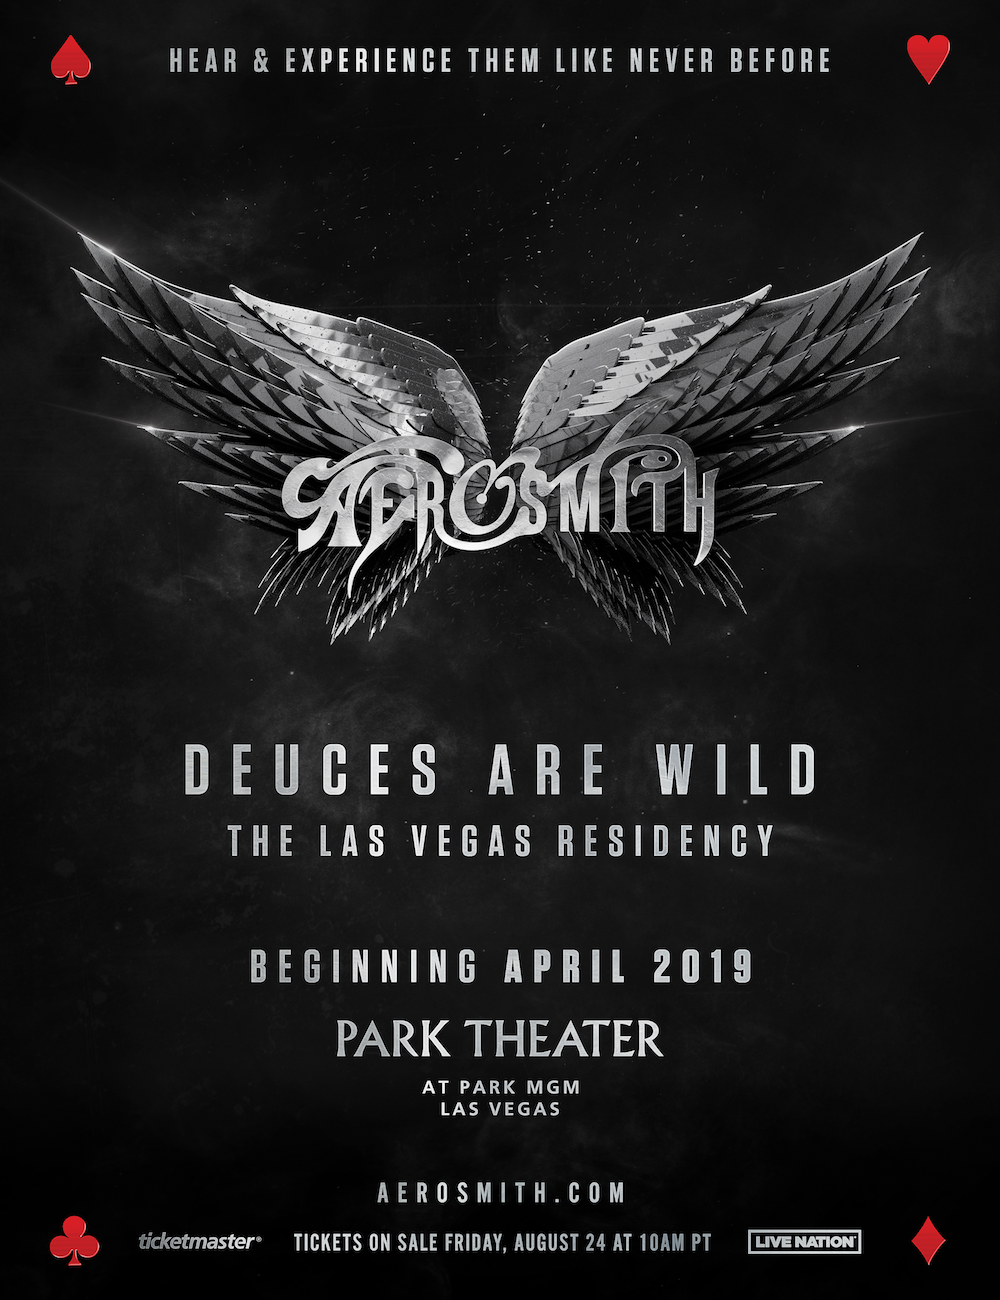 Aerosmith-vegas-residency-poster.png